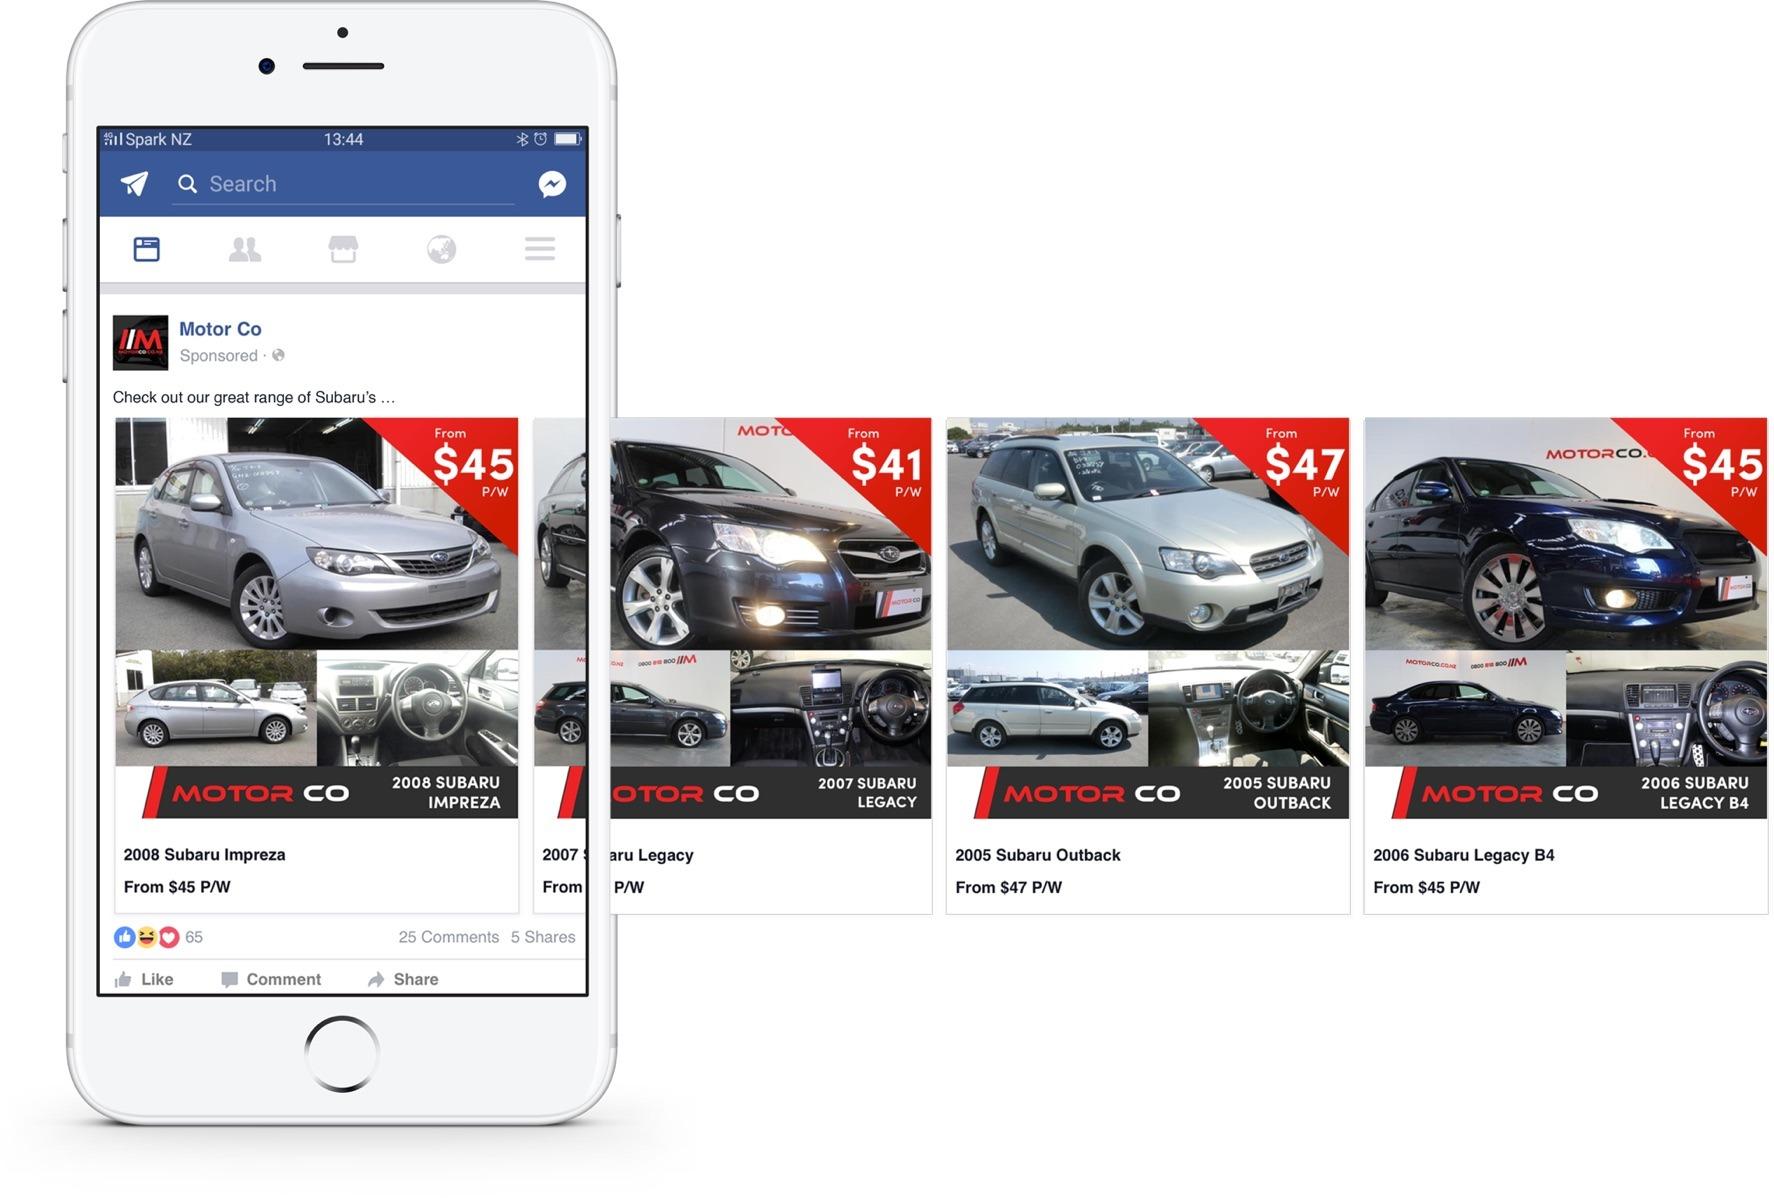 Social Media Marketing - MotorCo